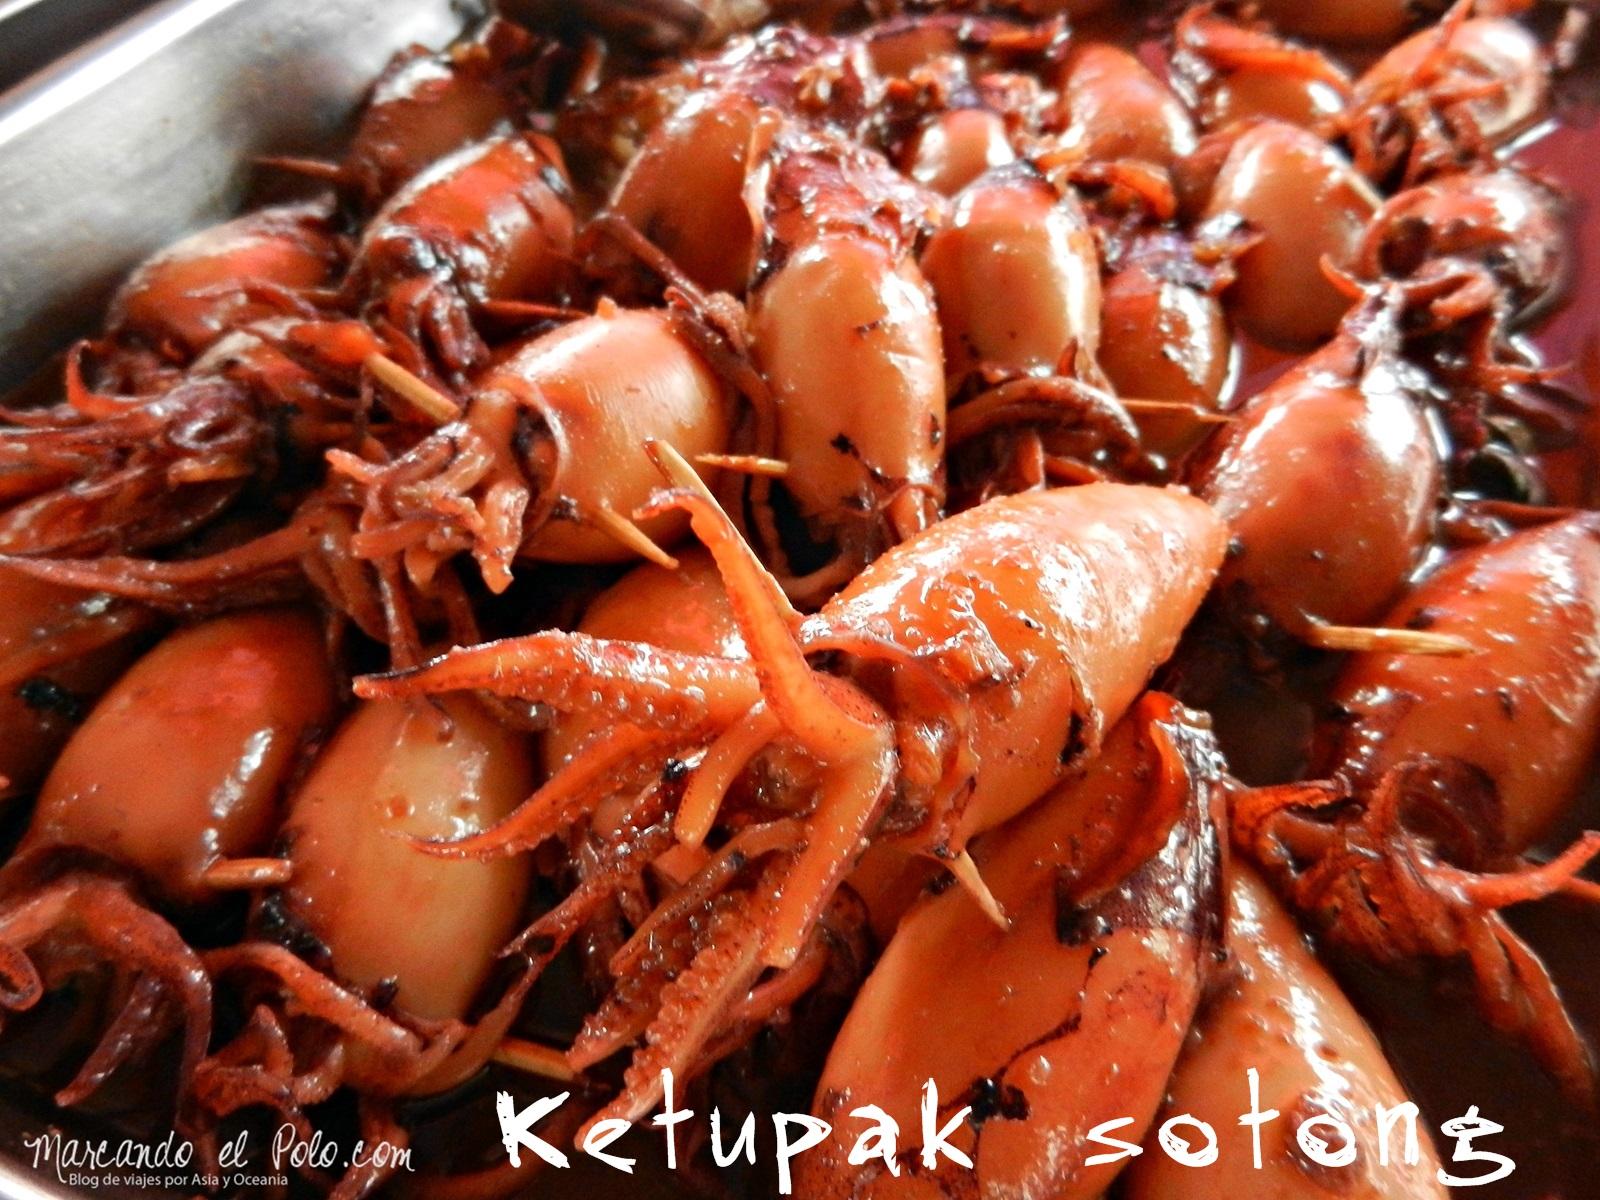 """Ketupang sotong, más conocido por nosotros como """"el arruina flanes"""". Aunque no lo creas es un postre"""